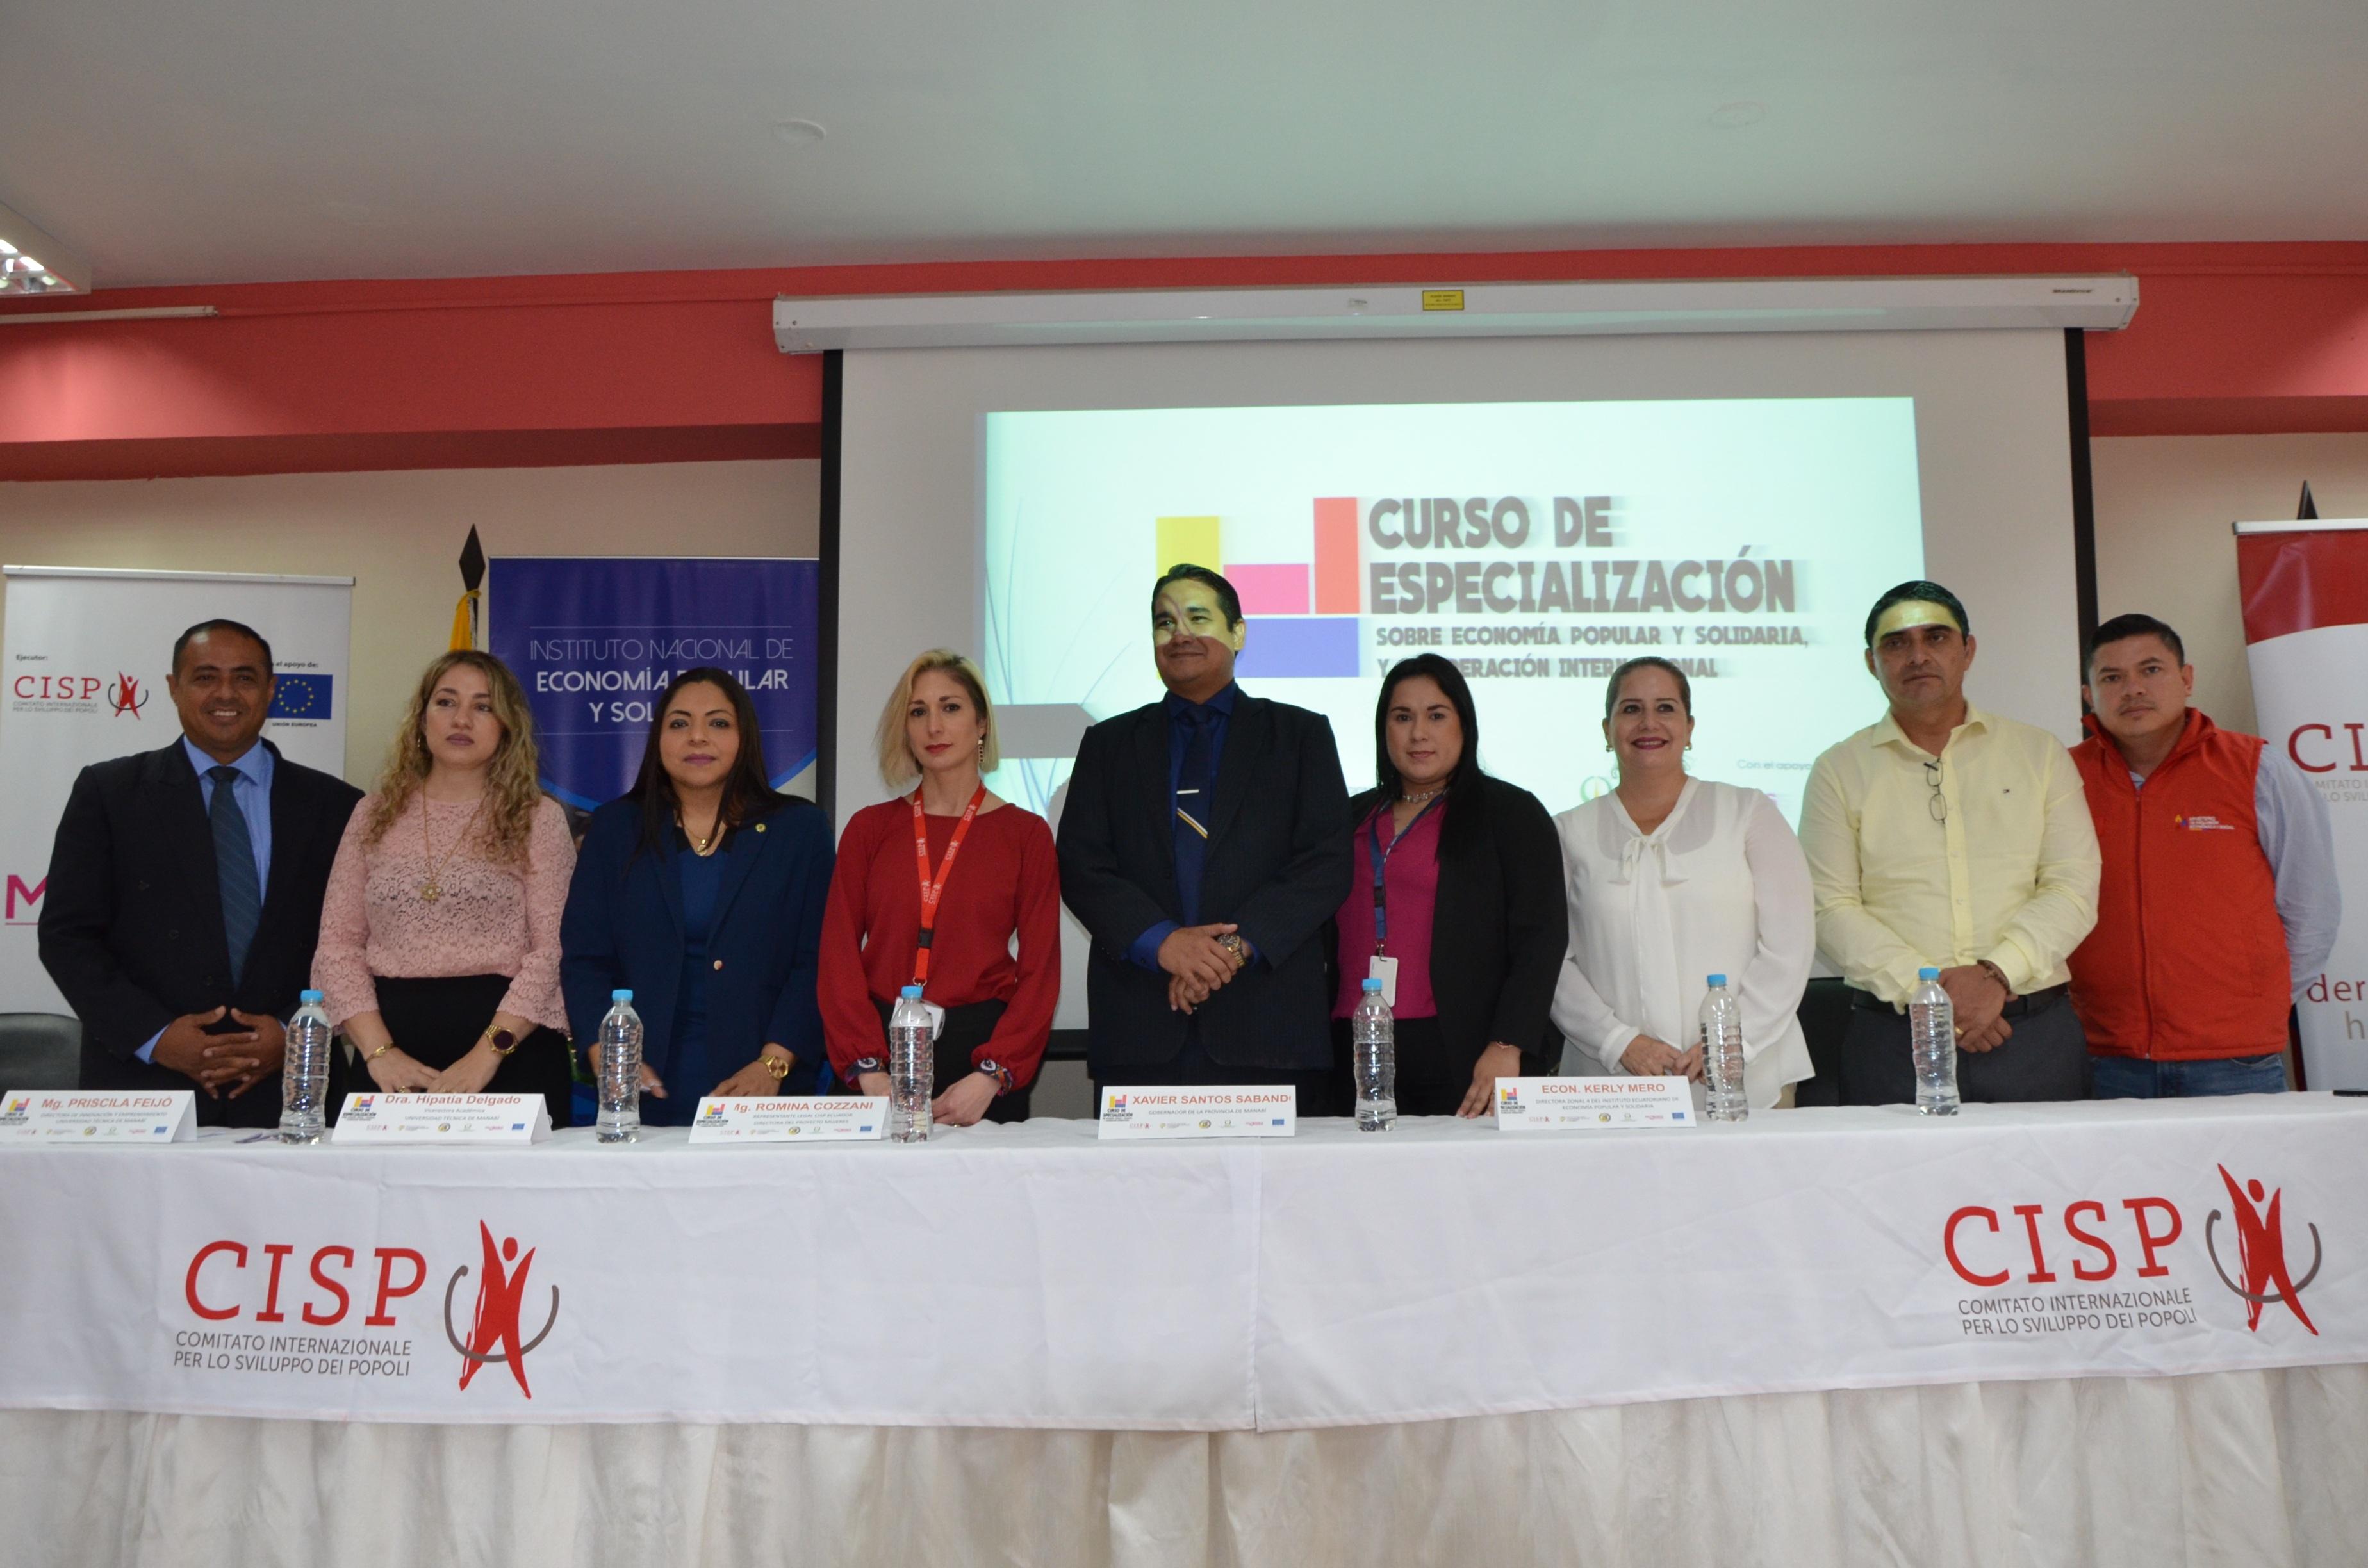 IEPS FORTALECE LA EPS EN MANABÍ CON CURSO DE ESPECIALIZACIÓN Y COOPERACIÓN INTERNACIONAL